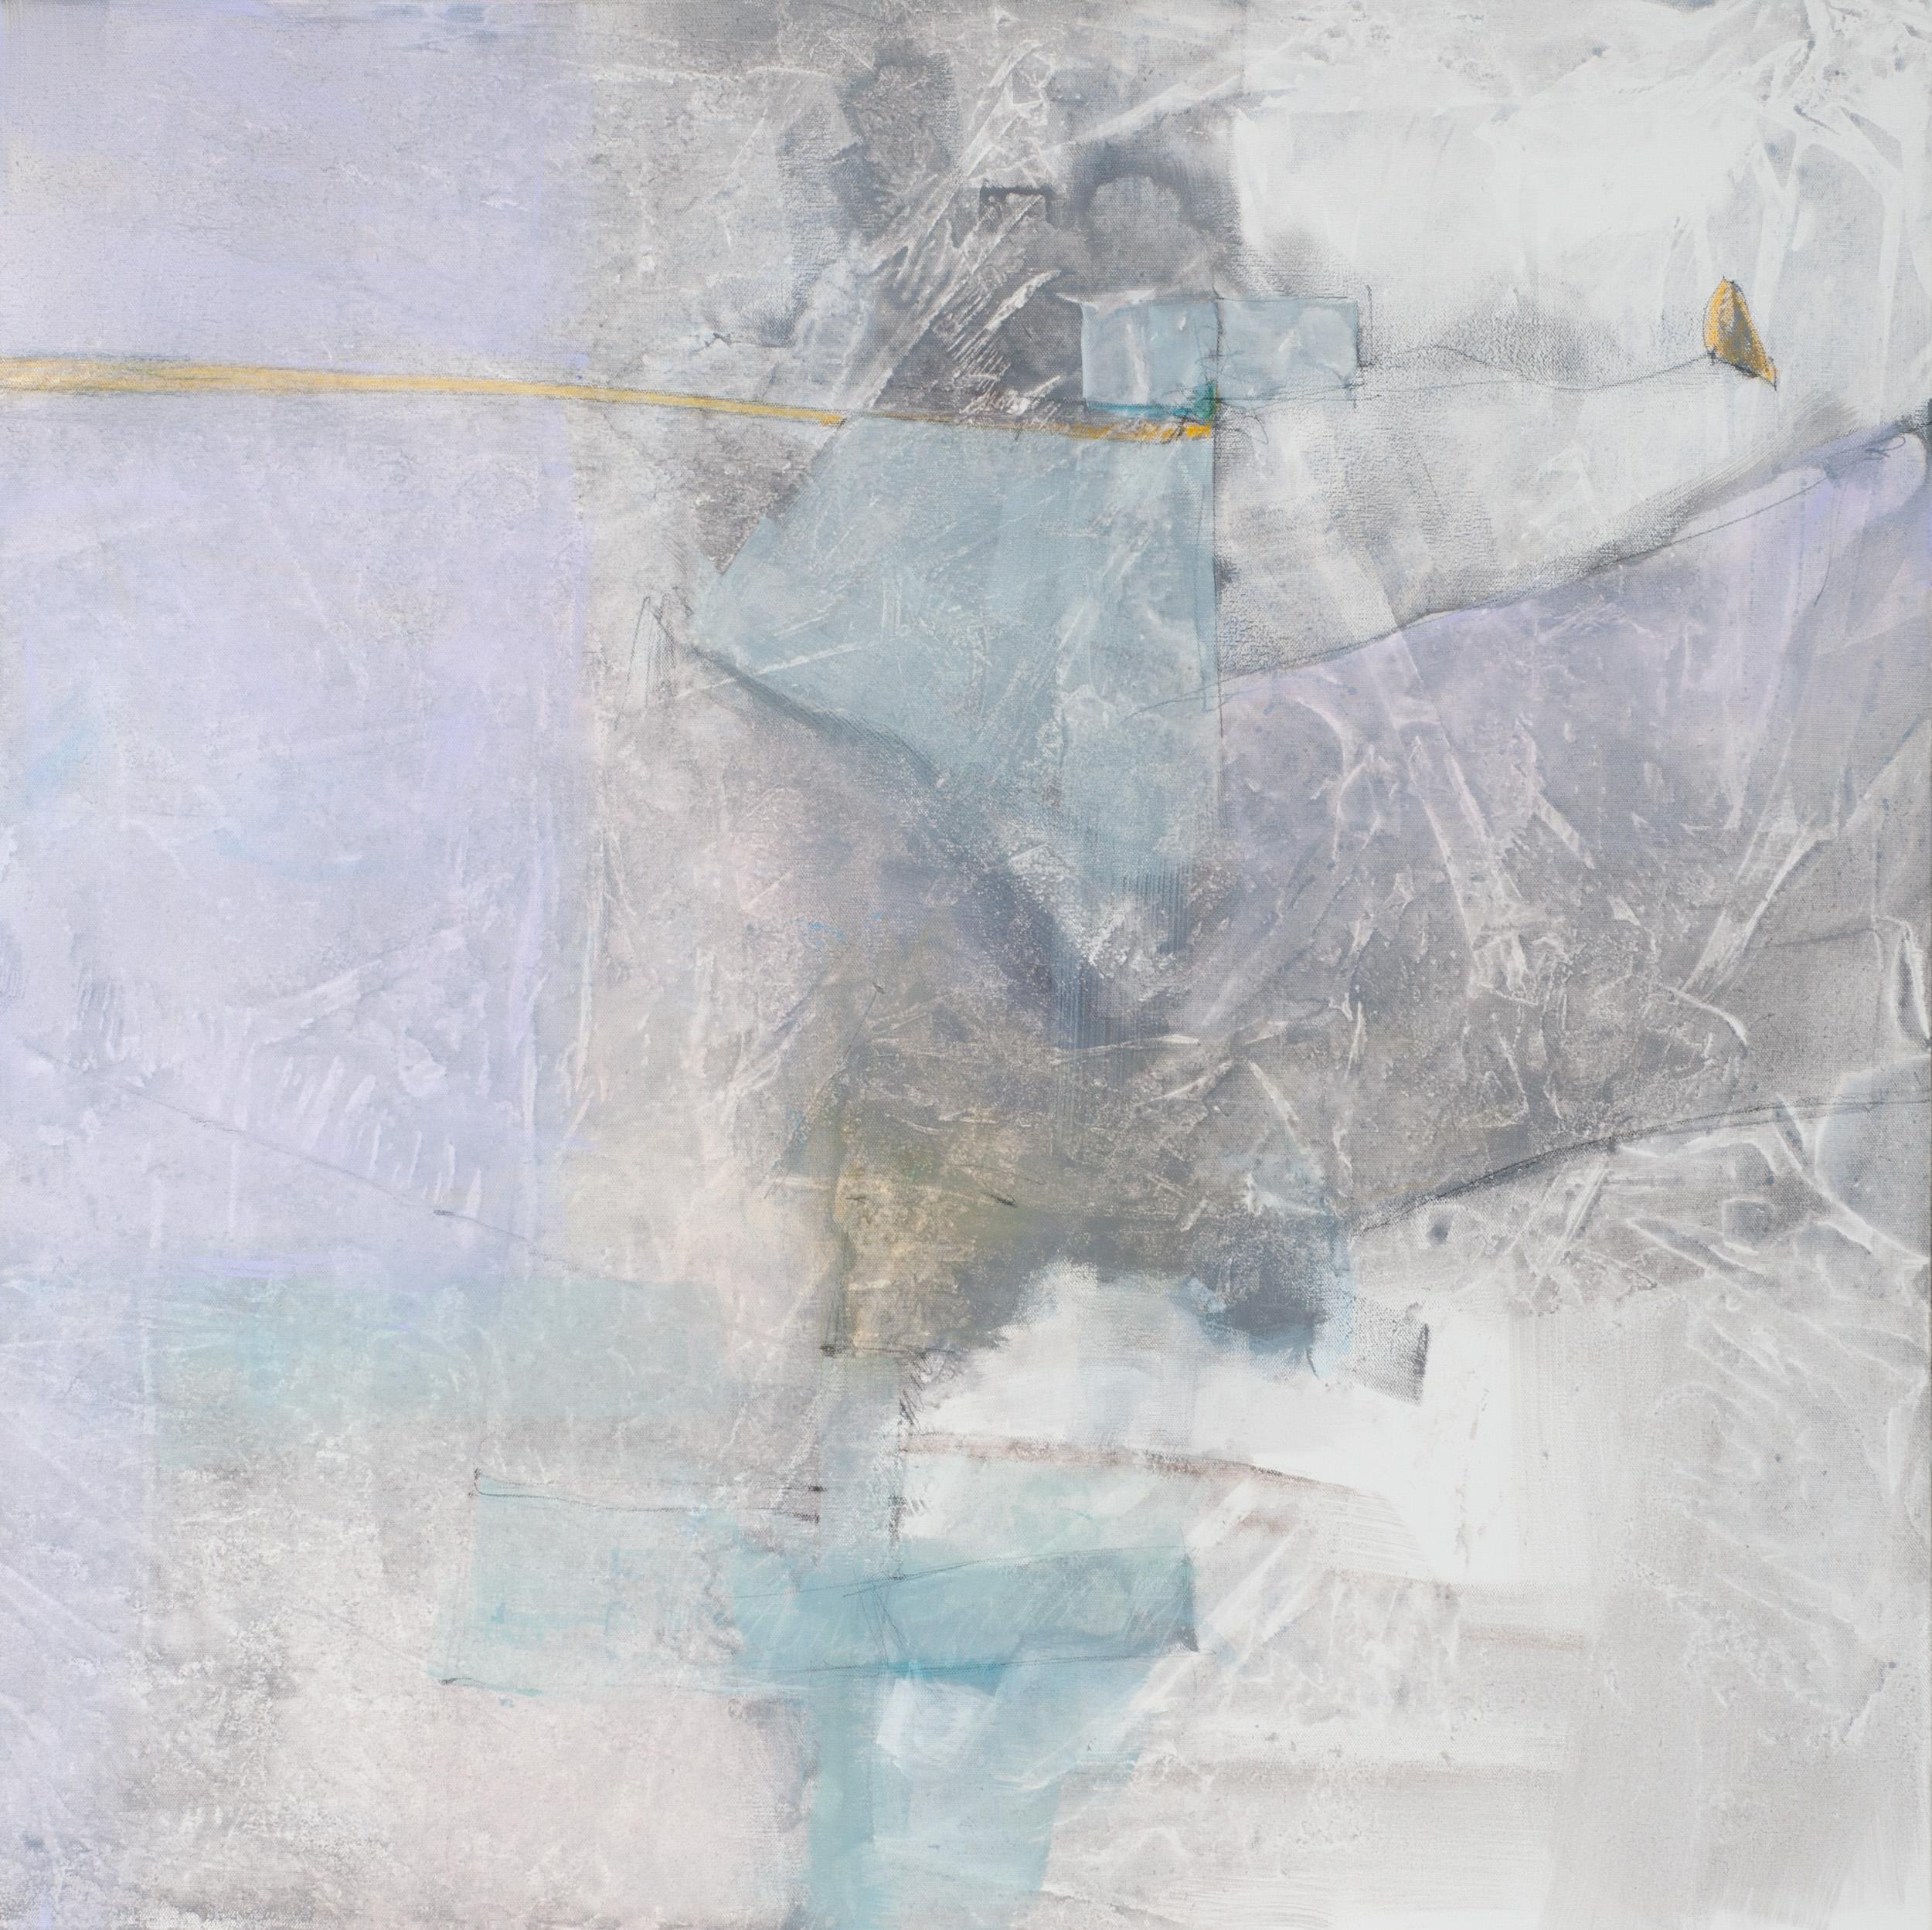 2019-04-14-Paintings-2.jpg